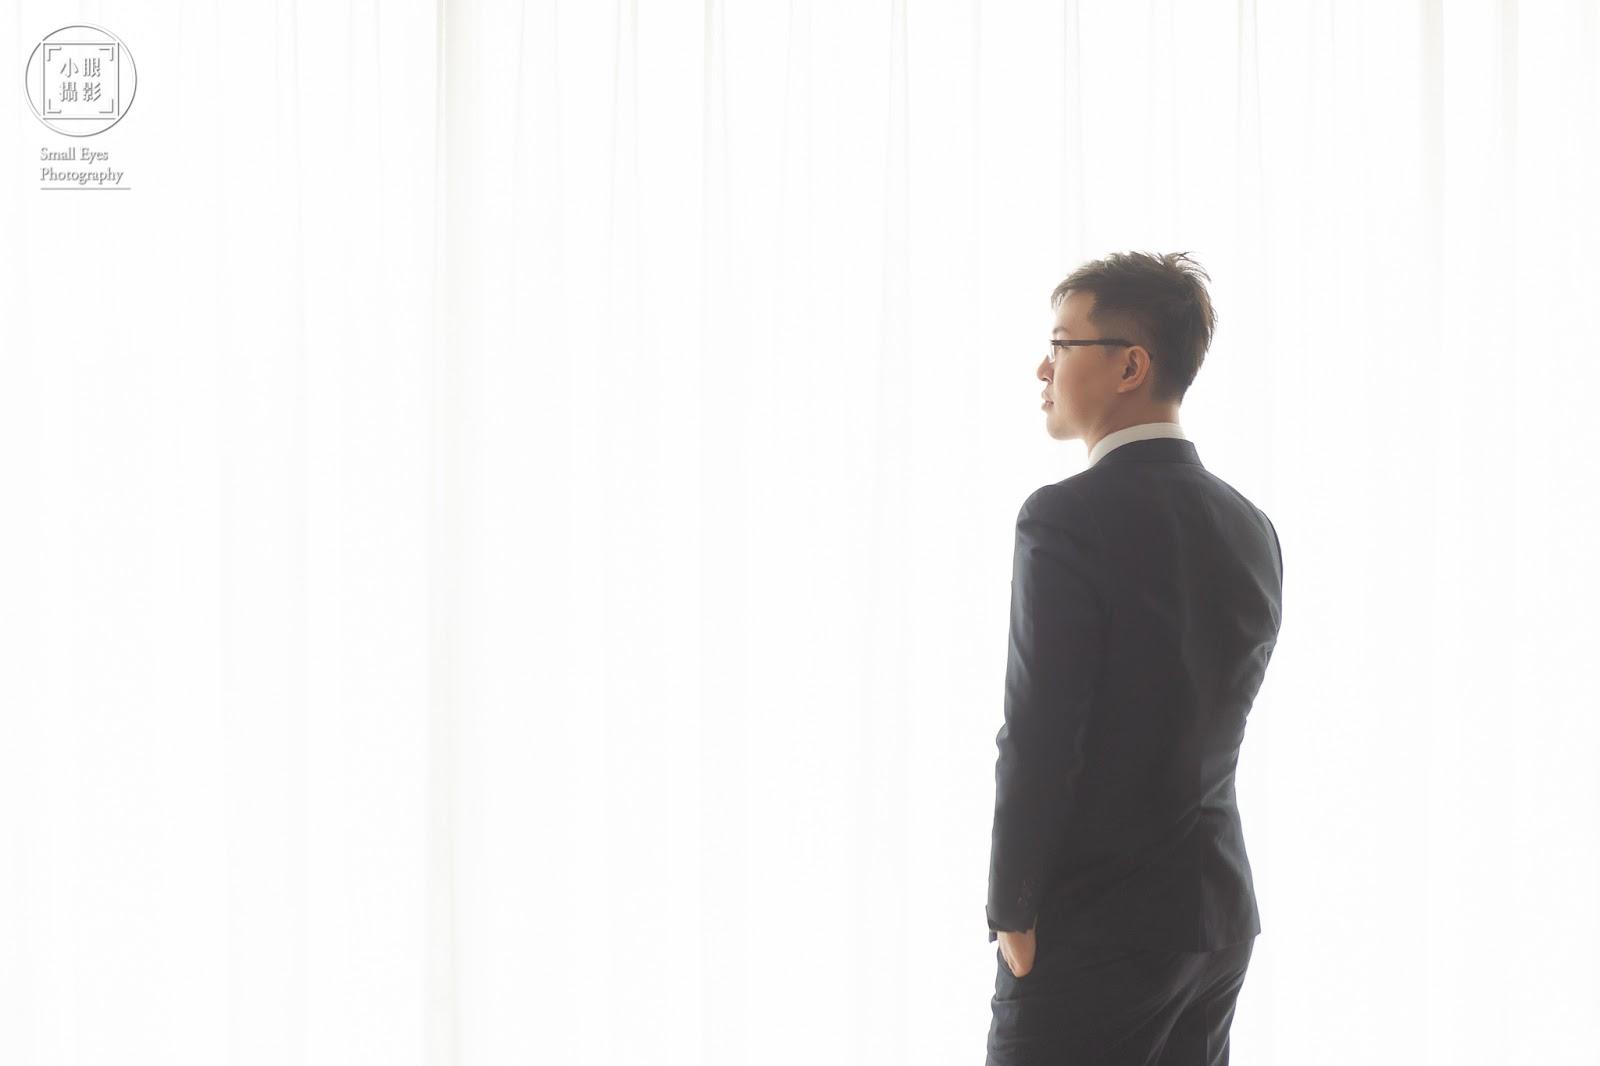 小眼, 小眼攝影, 台北, 台南, 婚禮, 婚禮紀實, 婚禮紀錄, 婚攝, 推薦, 傅祐承, 文定,文訂,訂婚,蒂米琪,K麥拉, Kamera,GuaGua,新秘瓜瓜,